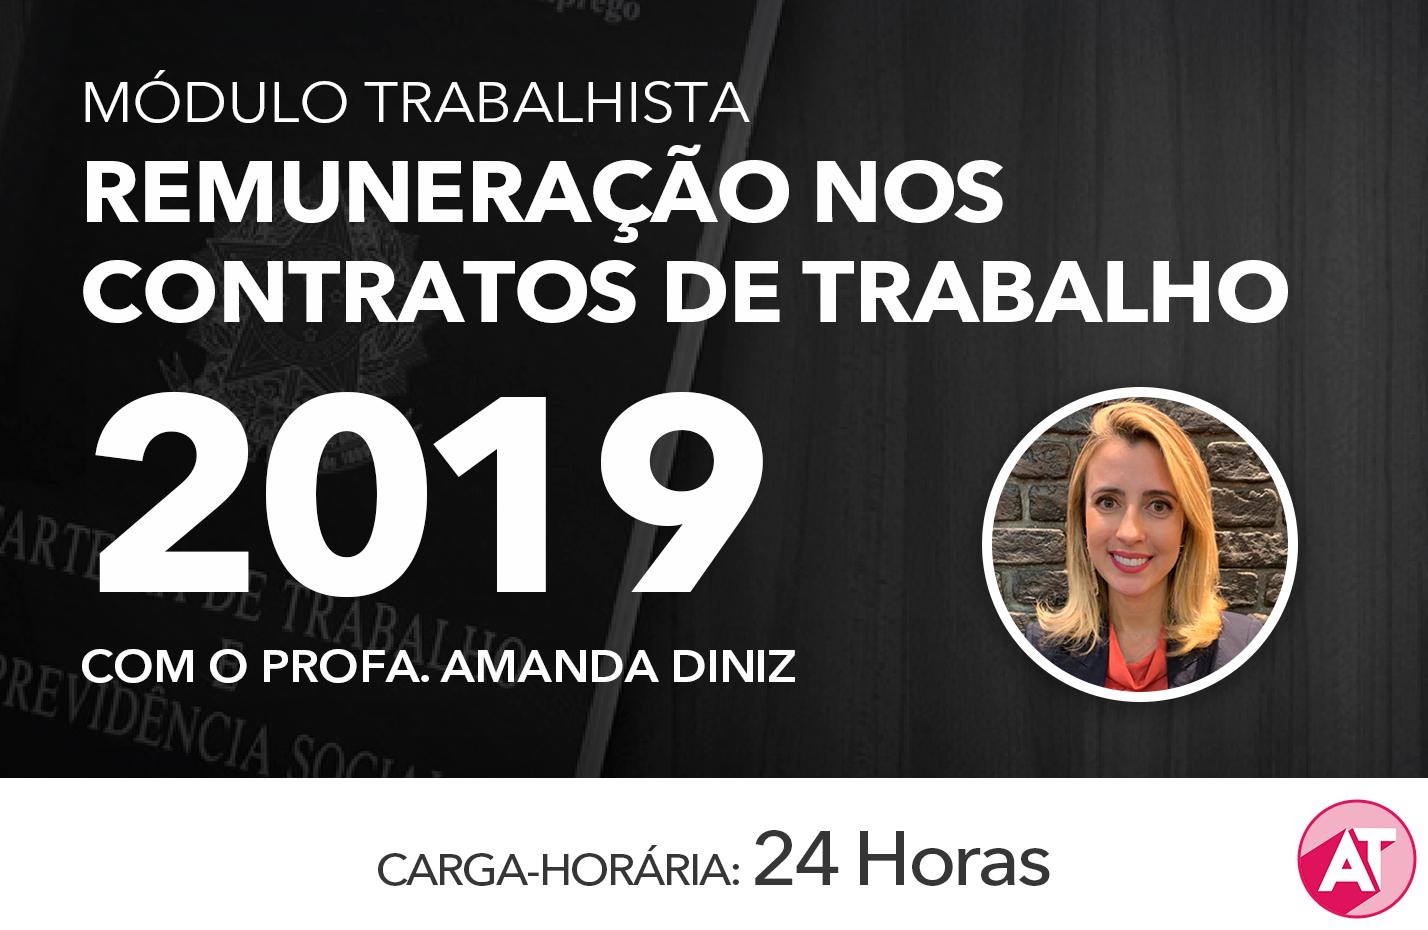 MÓDULO TRABALHISTA SOBRE REMUNERAÇÃO 2019 - ONLINE